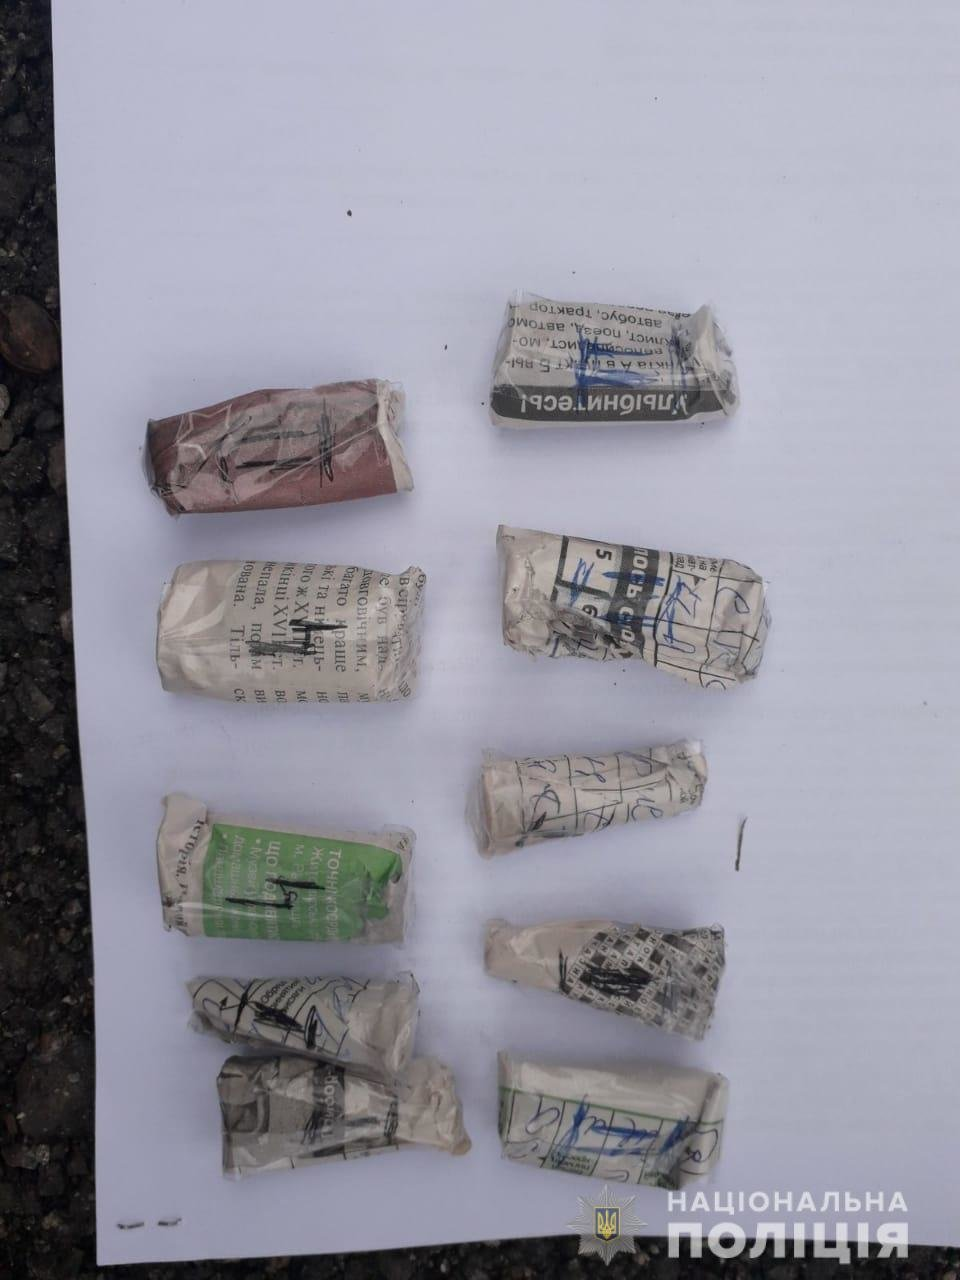 На Днепропетровщине у местных жителей изъяли более 20 капсул с наркотиками, - ФОТО, фото-1